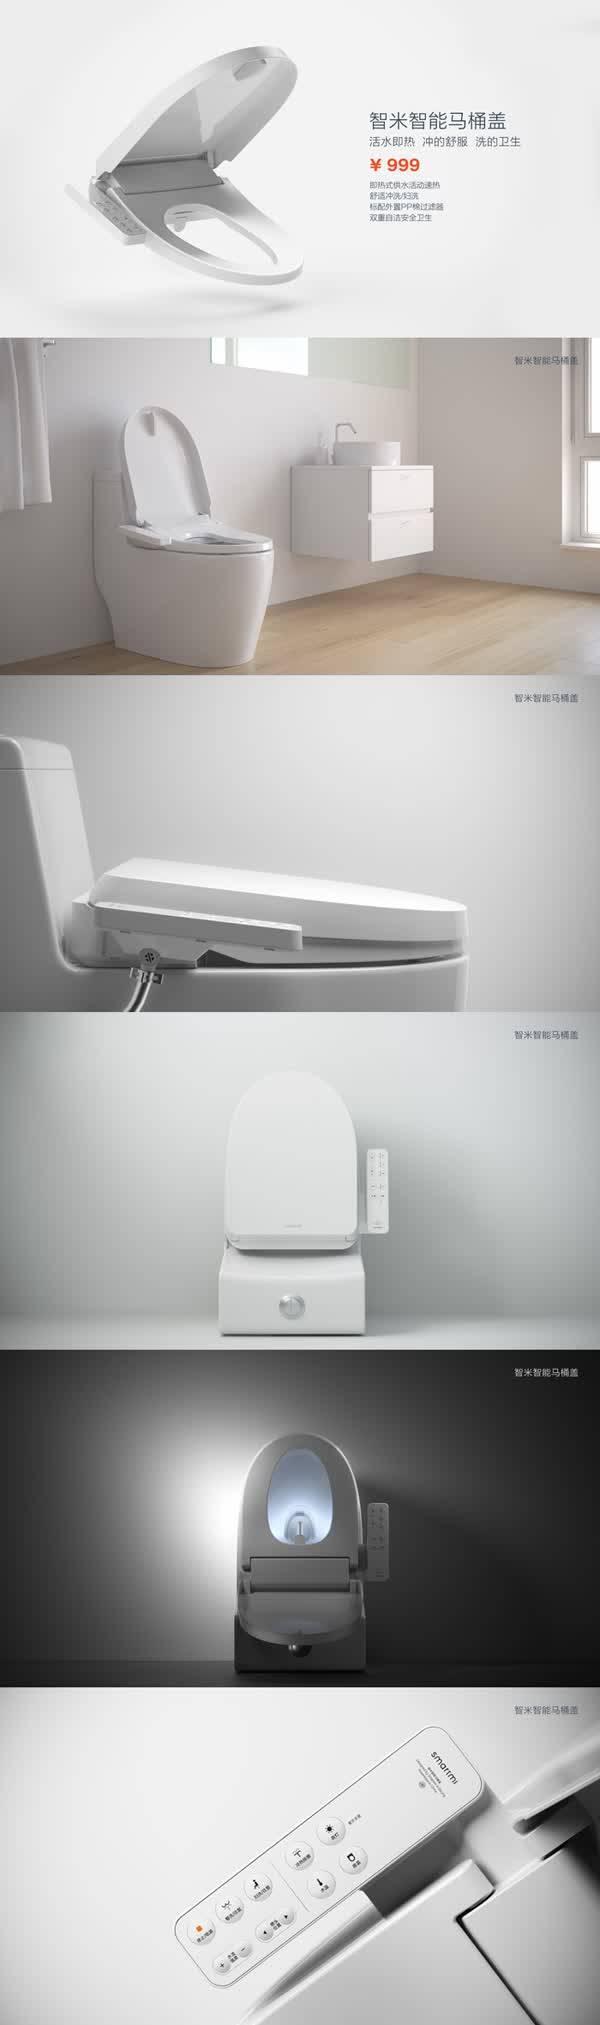 智米发布冷暖生活的智能空调,马桶盖,售价4399,999元